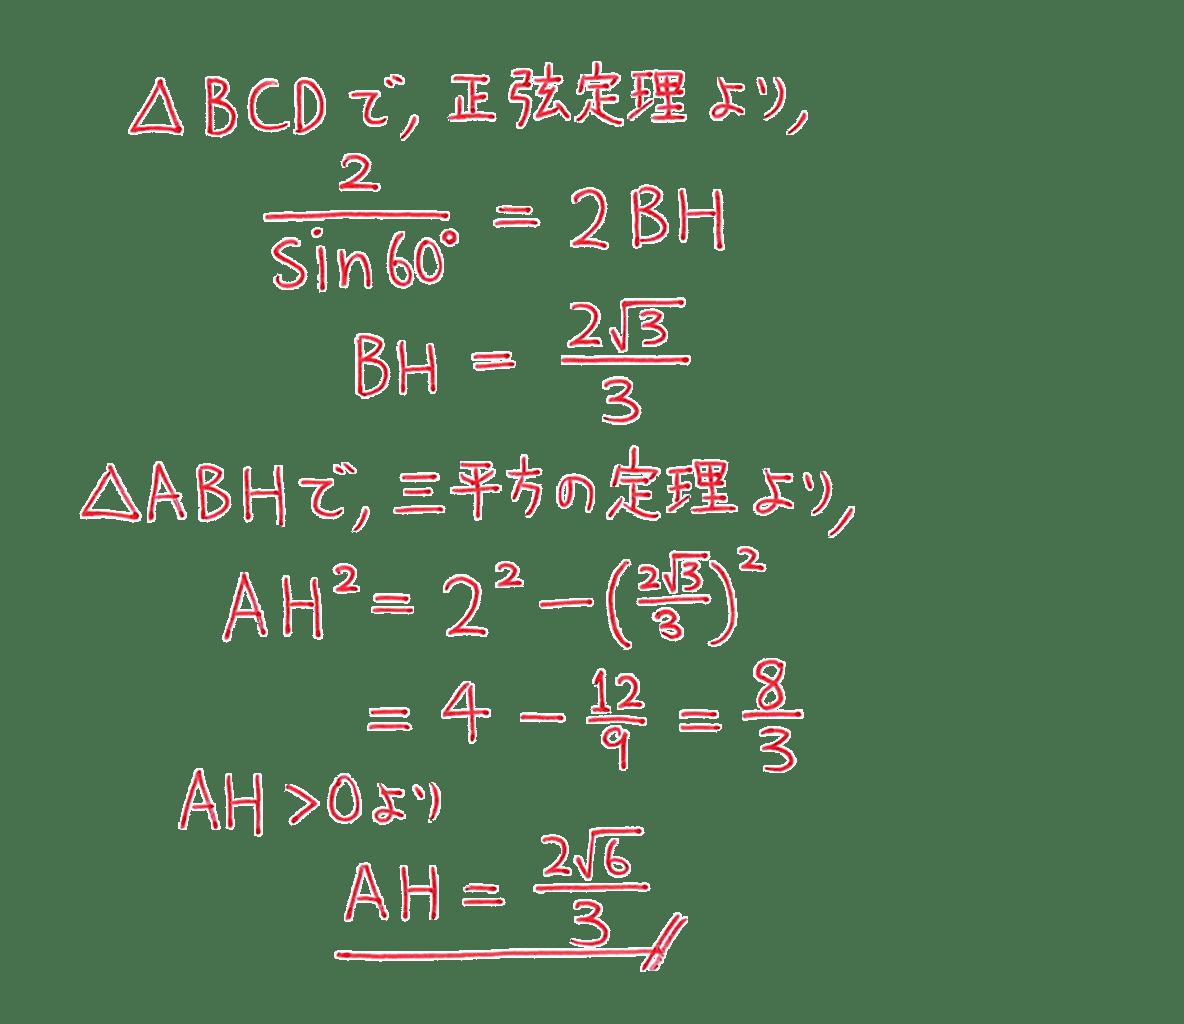 高校数学Ⅰ 三角比36 例題の答え